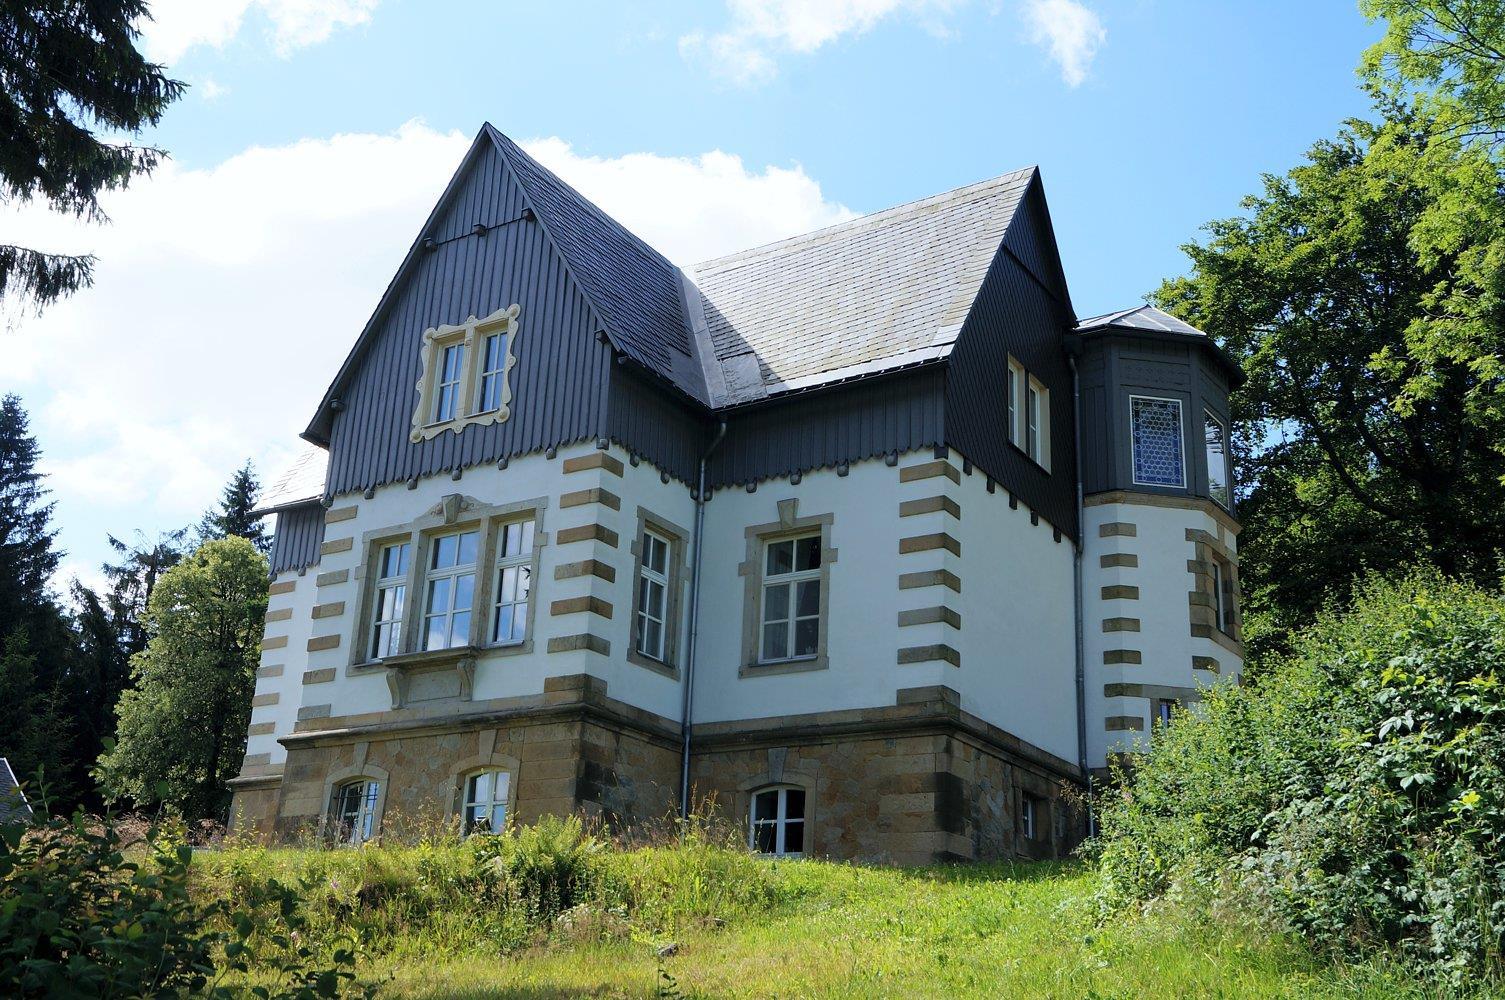 Ferienhaus Villa Unger Ferienhaus Villa Unger, 6 S Ferienhaus in Sachsen